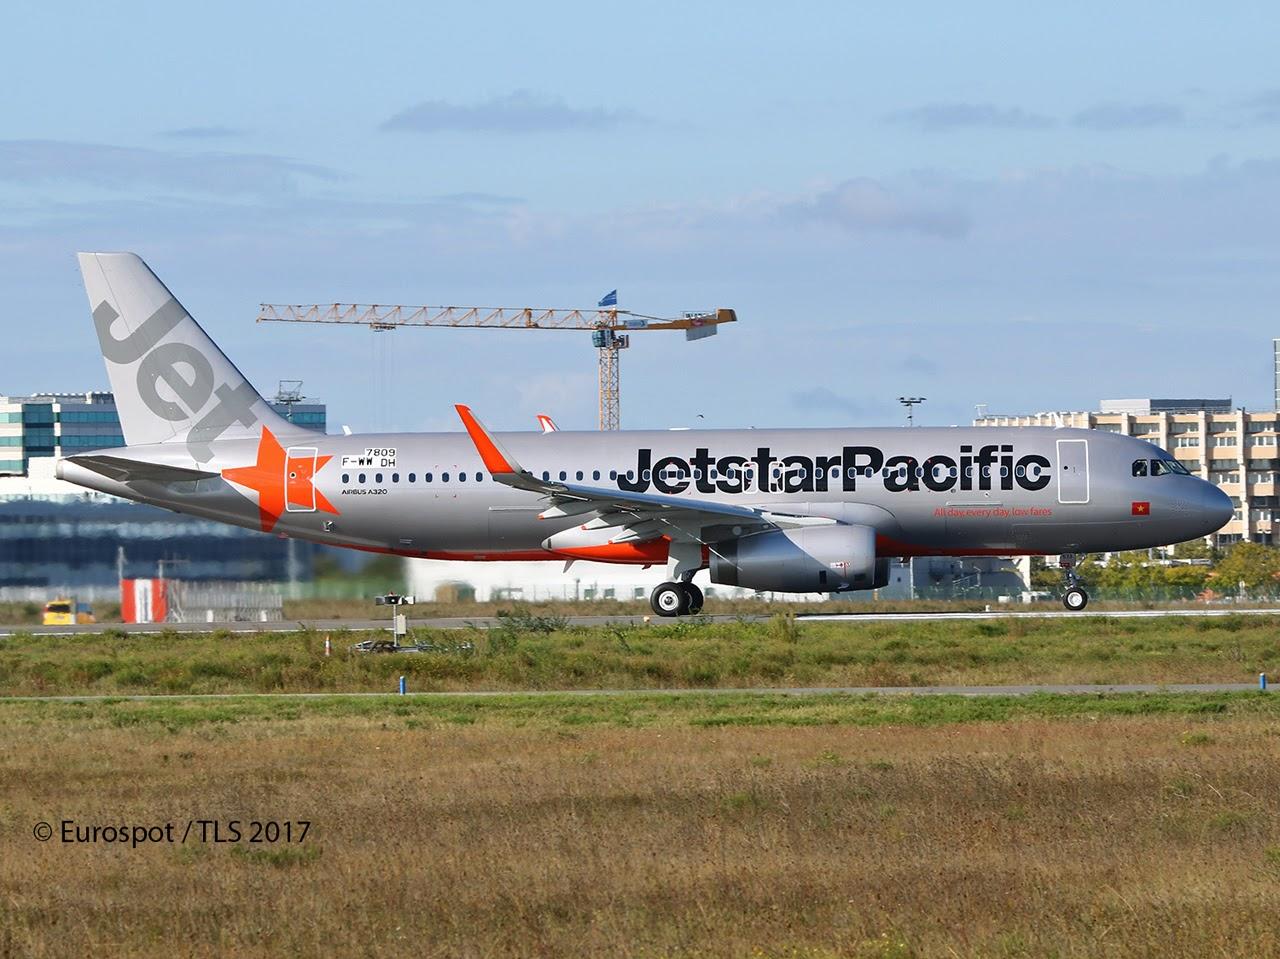 Airbus hamburg finkenwerder news a320 232sl jetstar pacific a320 232sl jetstar pacific airlines f wwdh vn a573 msn 7809 sciox Images